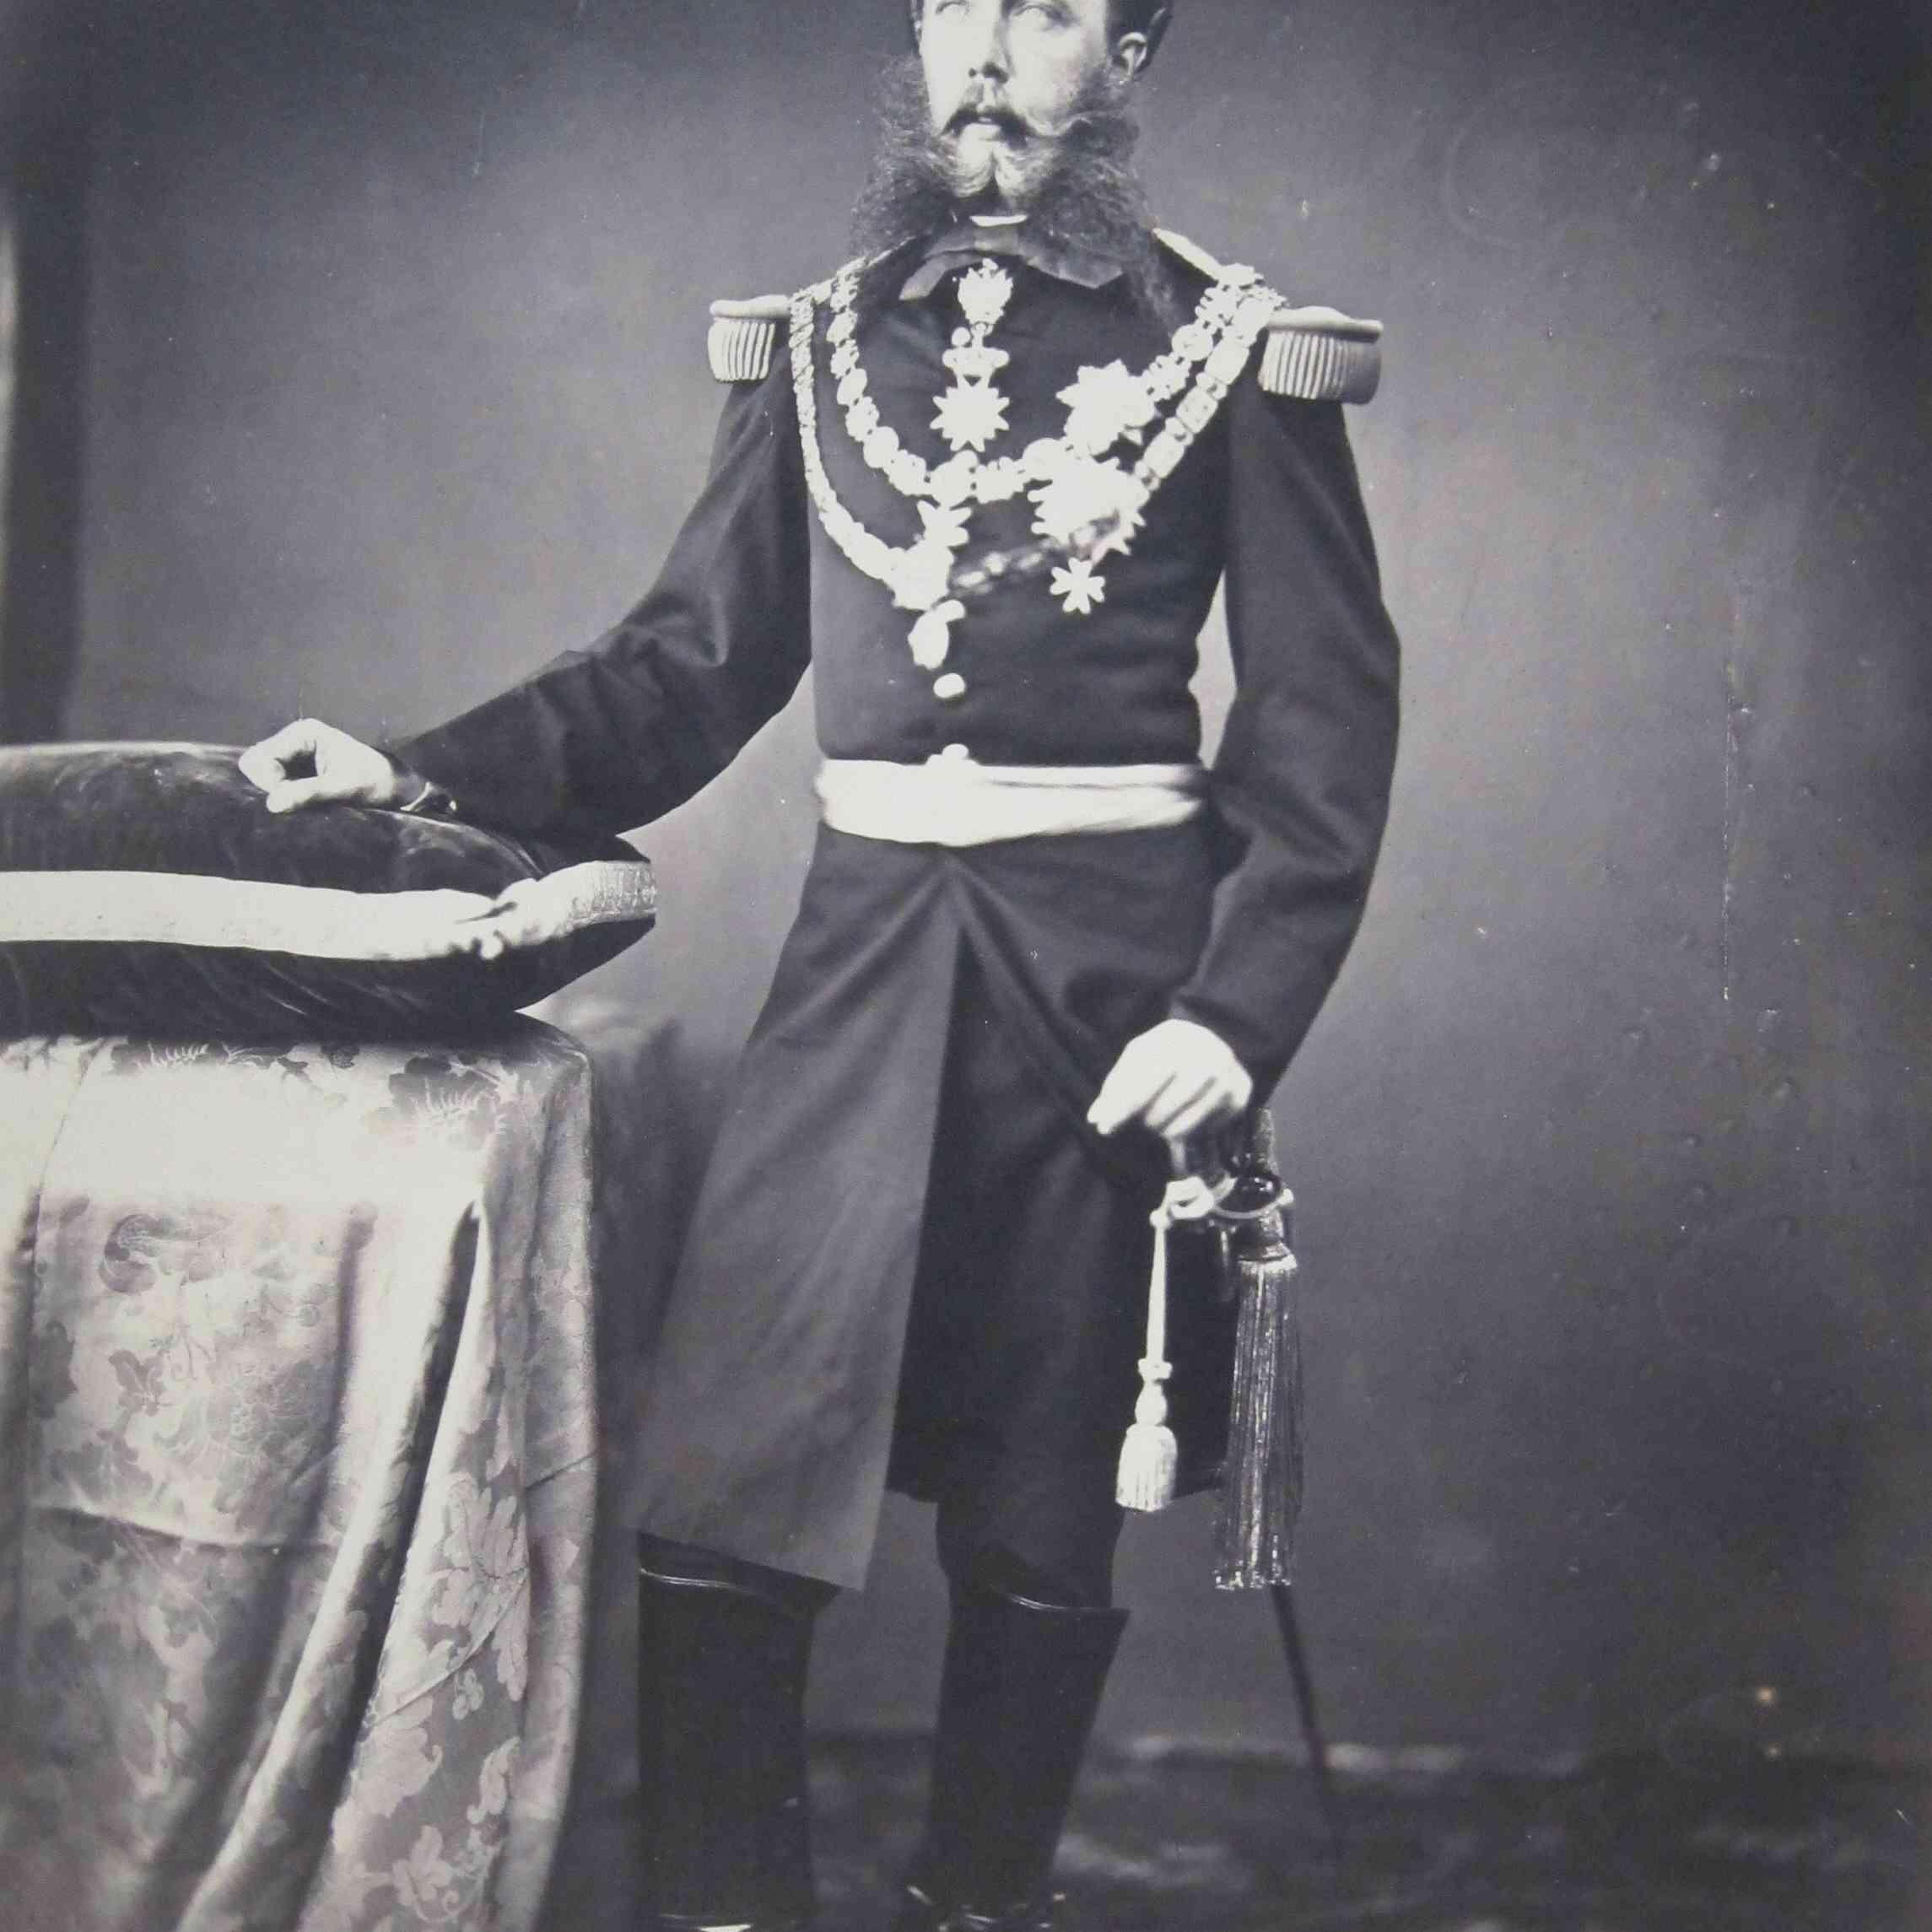 Ο αυτοκράτορας Μαξιμιλιανός του Μεξικού